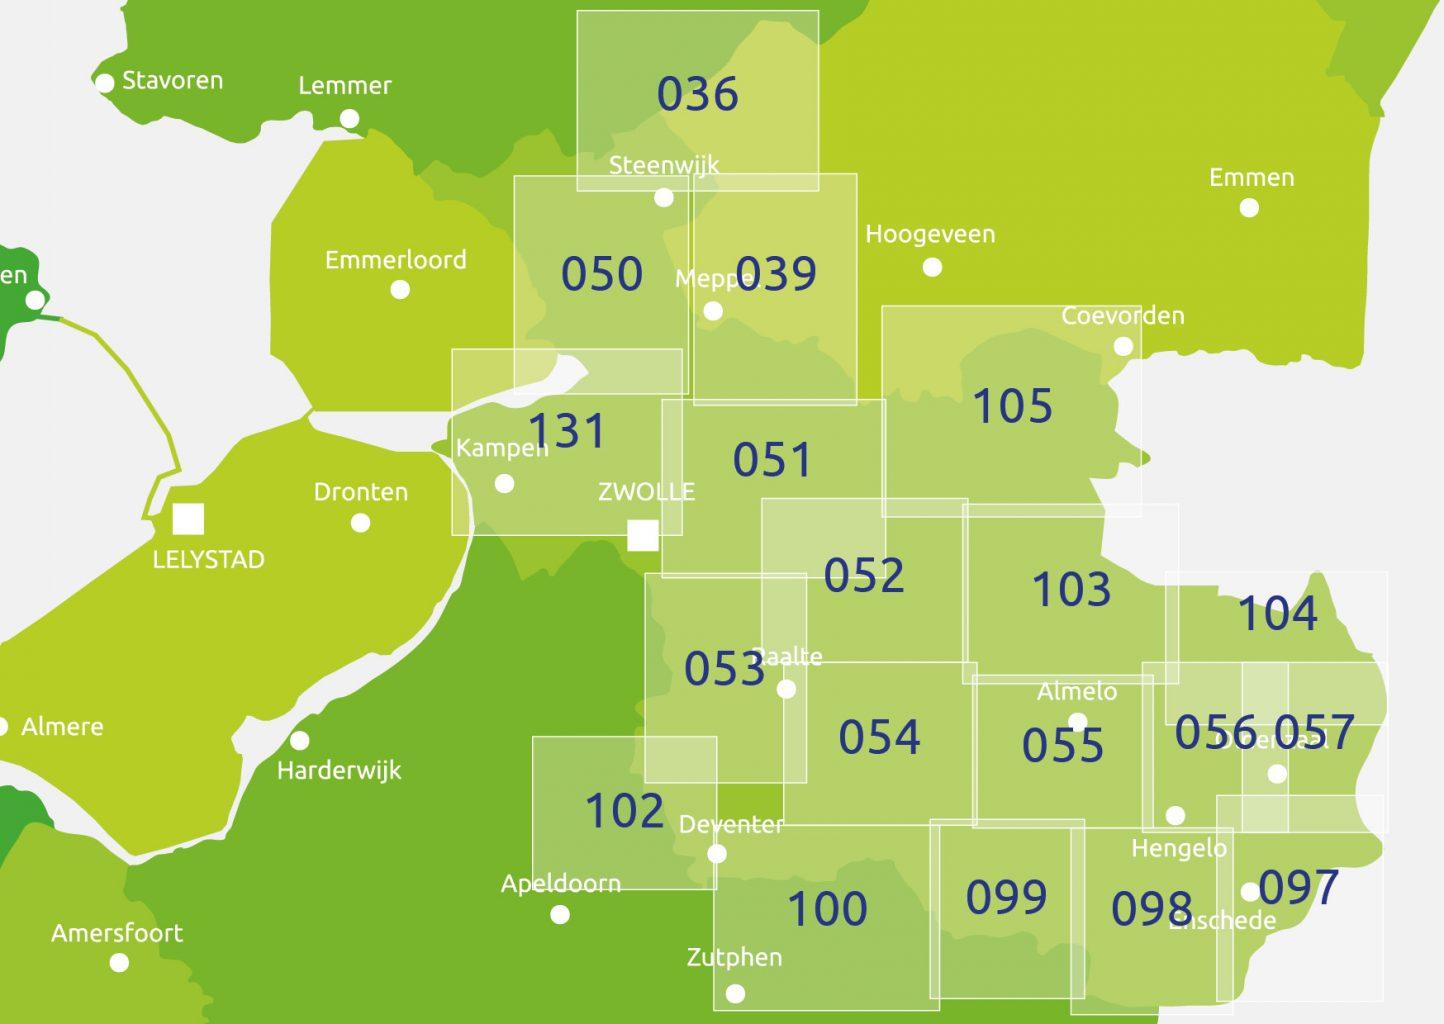 zoekkaart Knooppuntkaart Overijssel